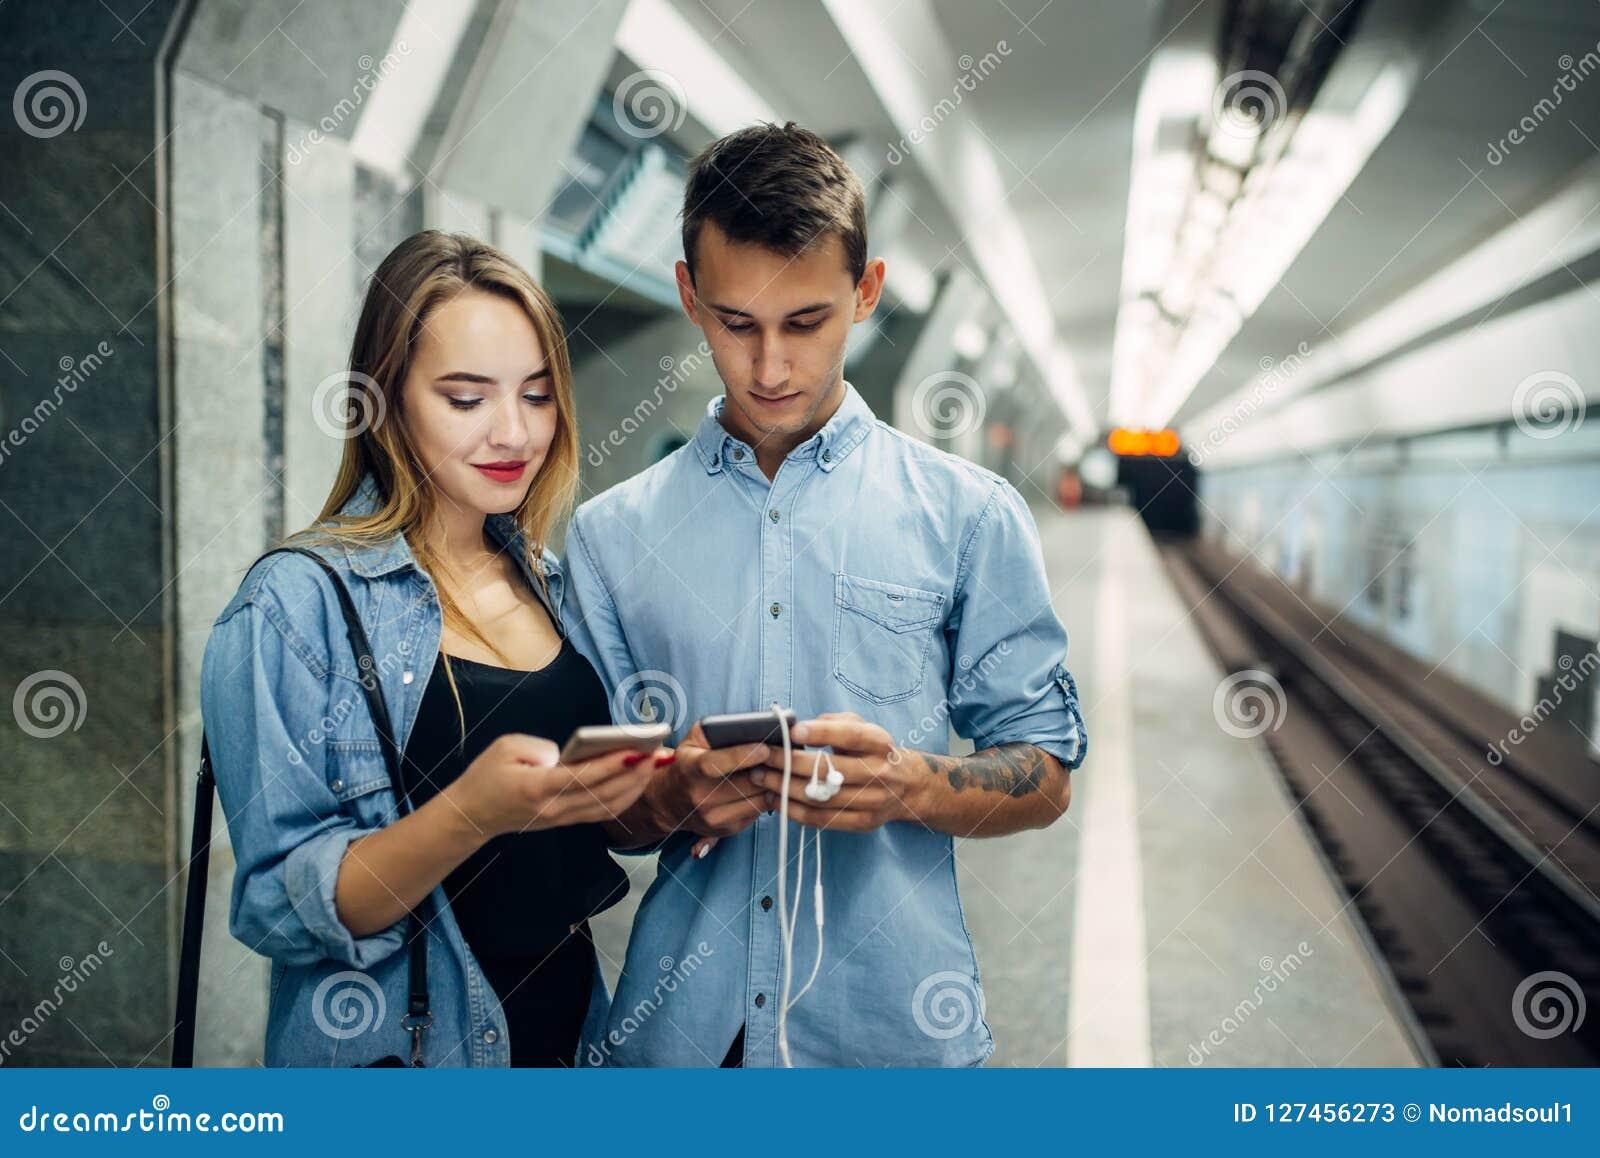 Pares del adicto al teléfono usando el artilugio en subterráneo